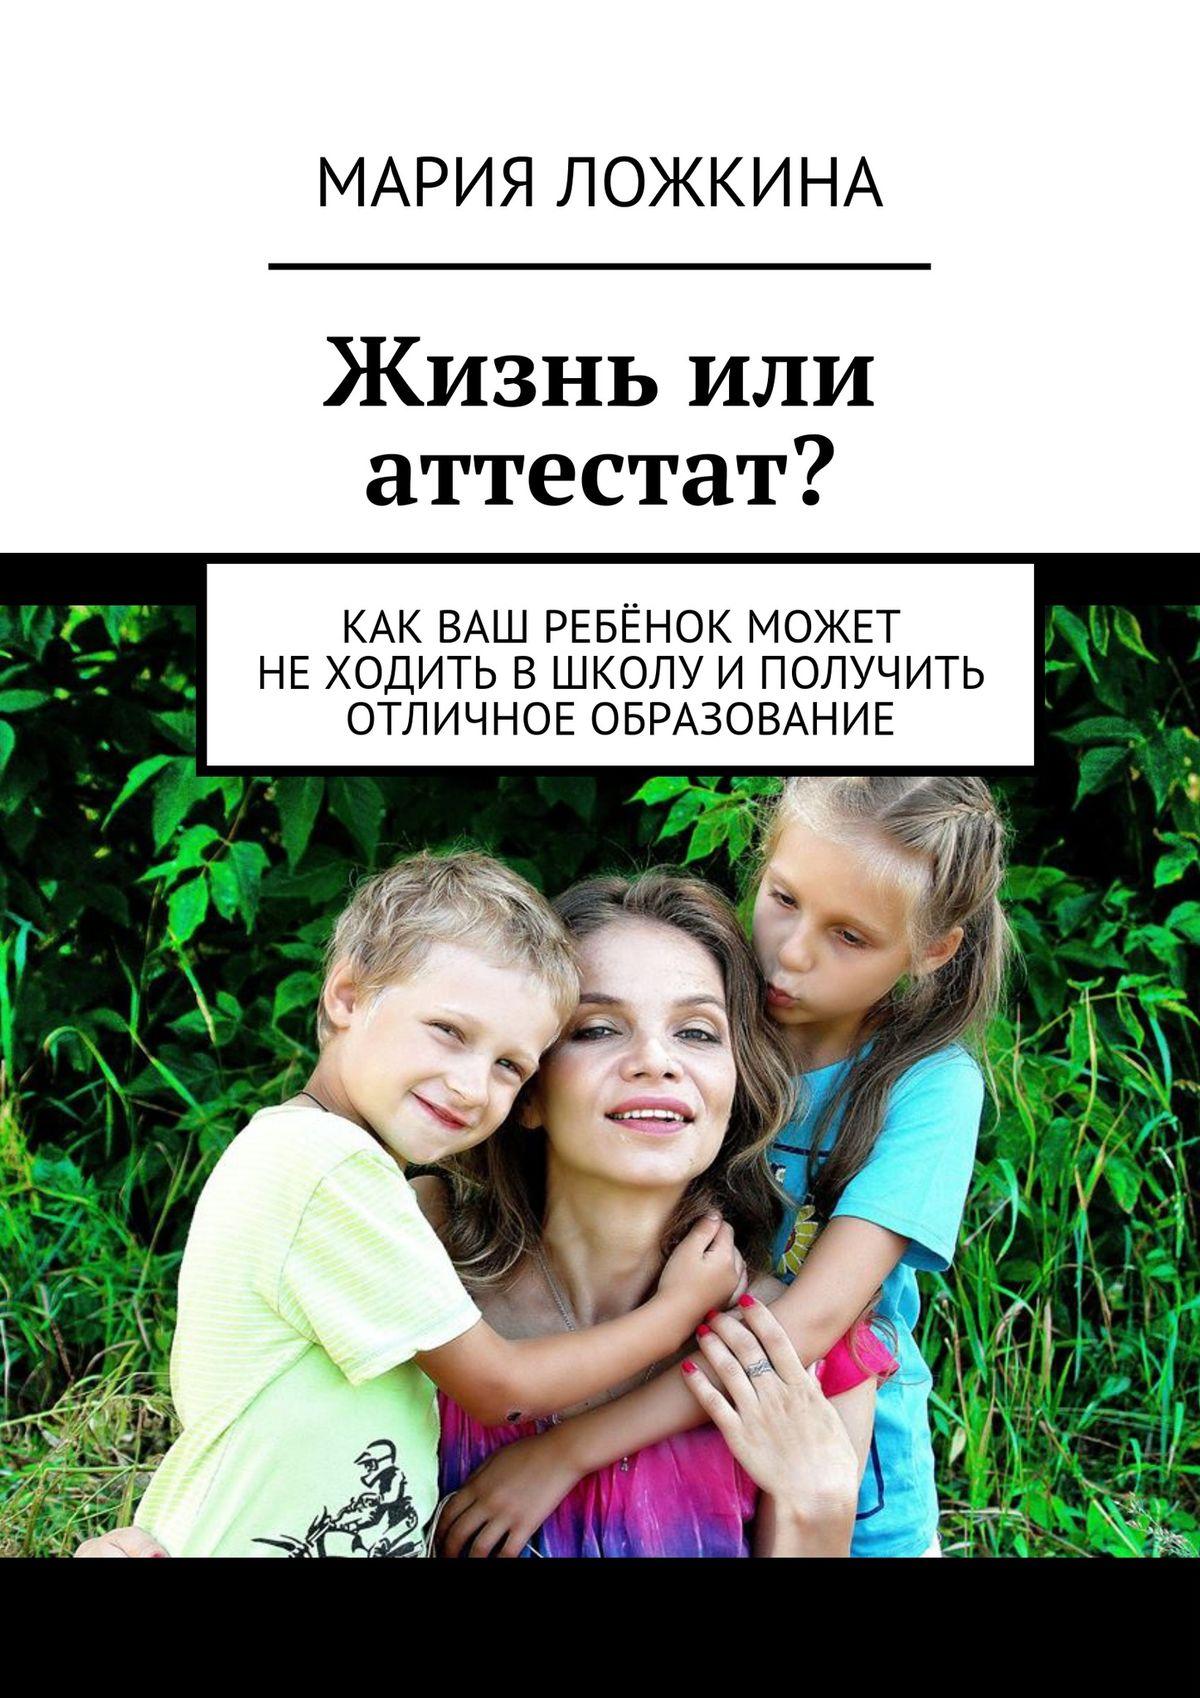 Жизнь или аттестат? Как ваш ребёнок может неходить вшколу иполучить отличное образование